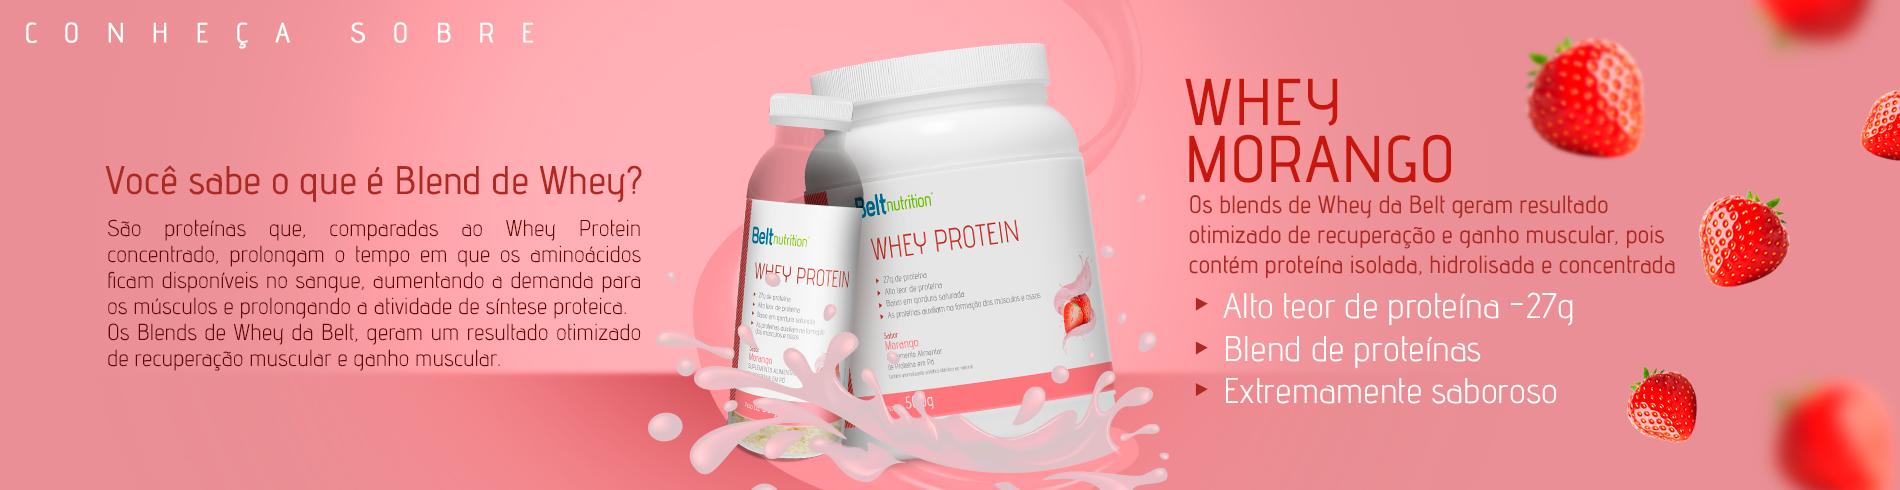 Whey Protein Blend Morango